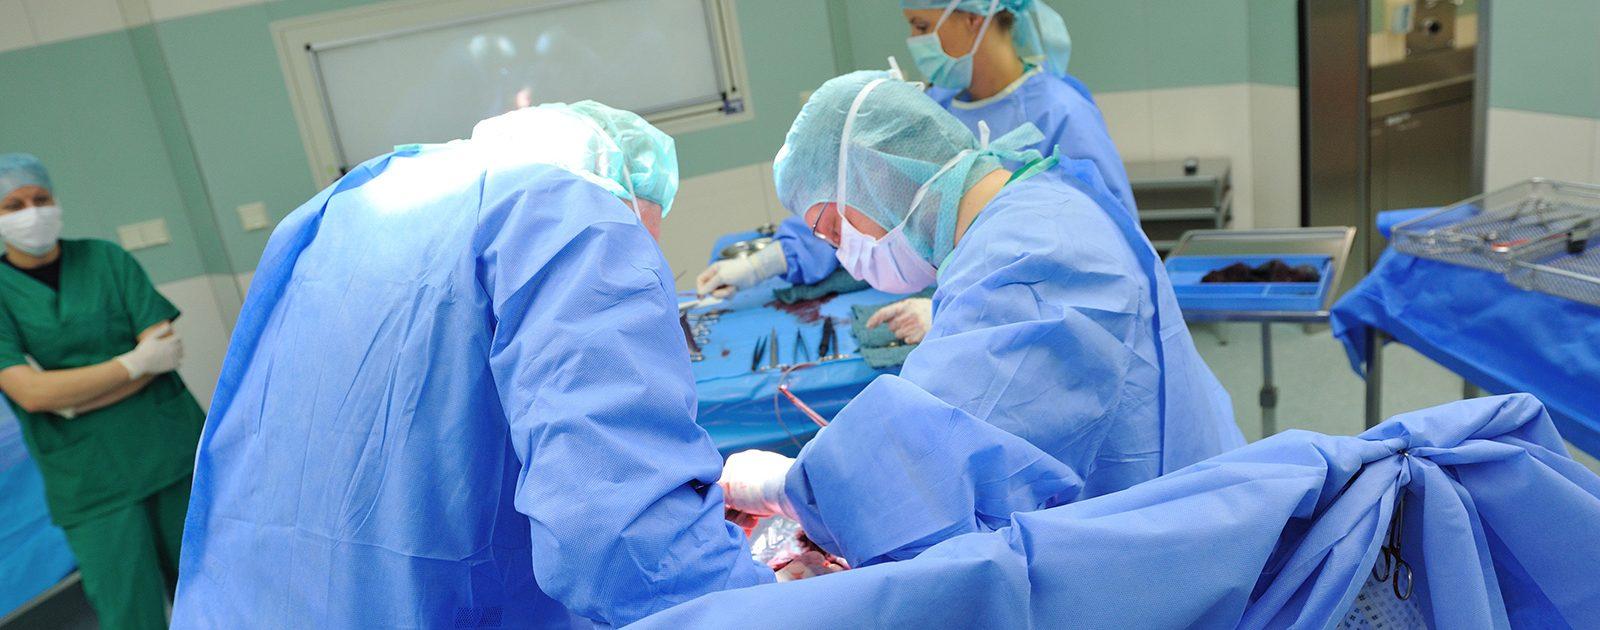 Ärzte bei der Durchführung eines Kaiserschnitts